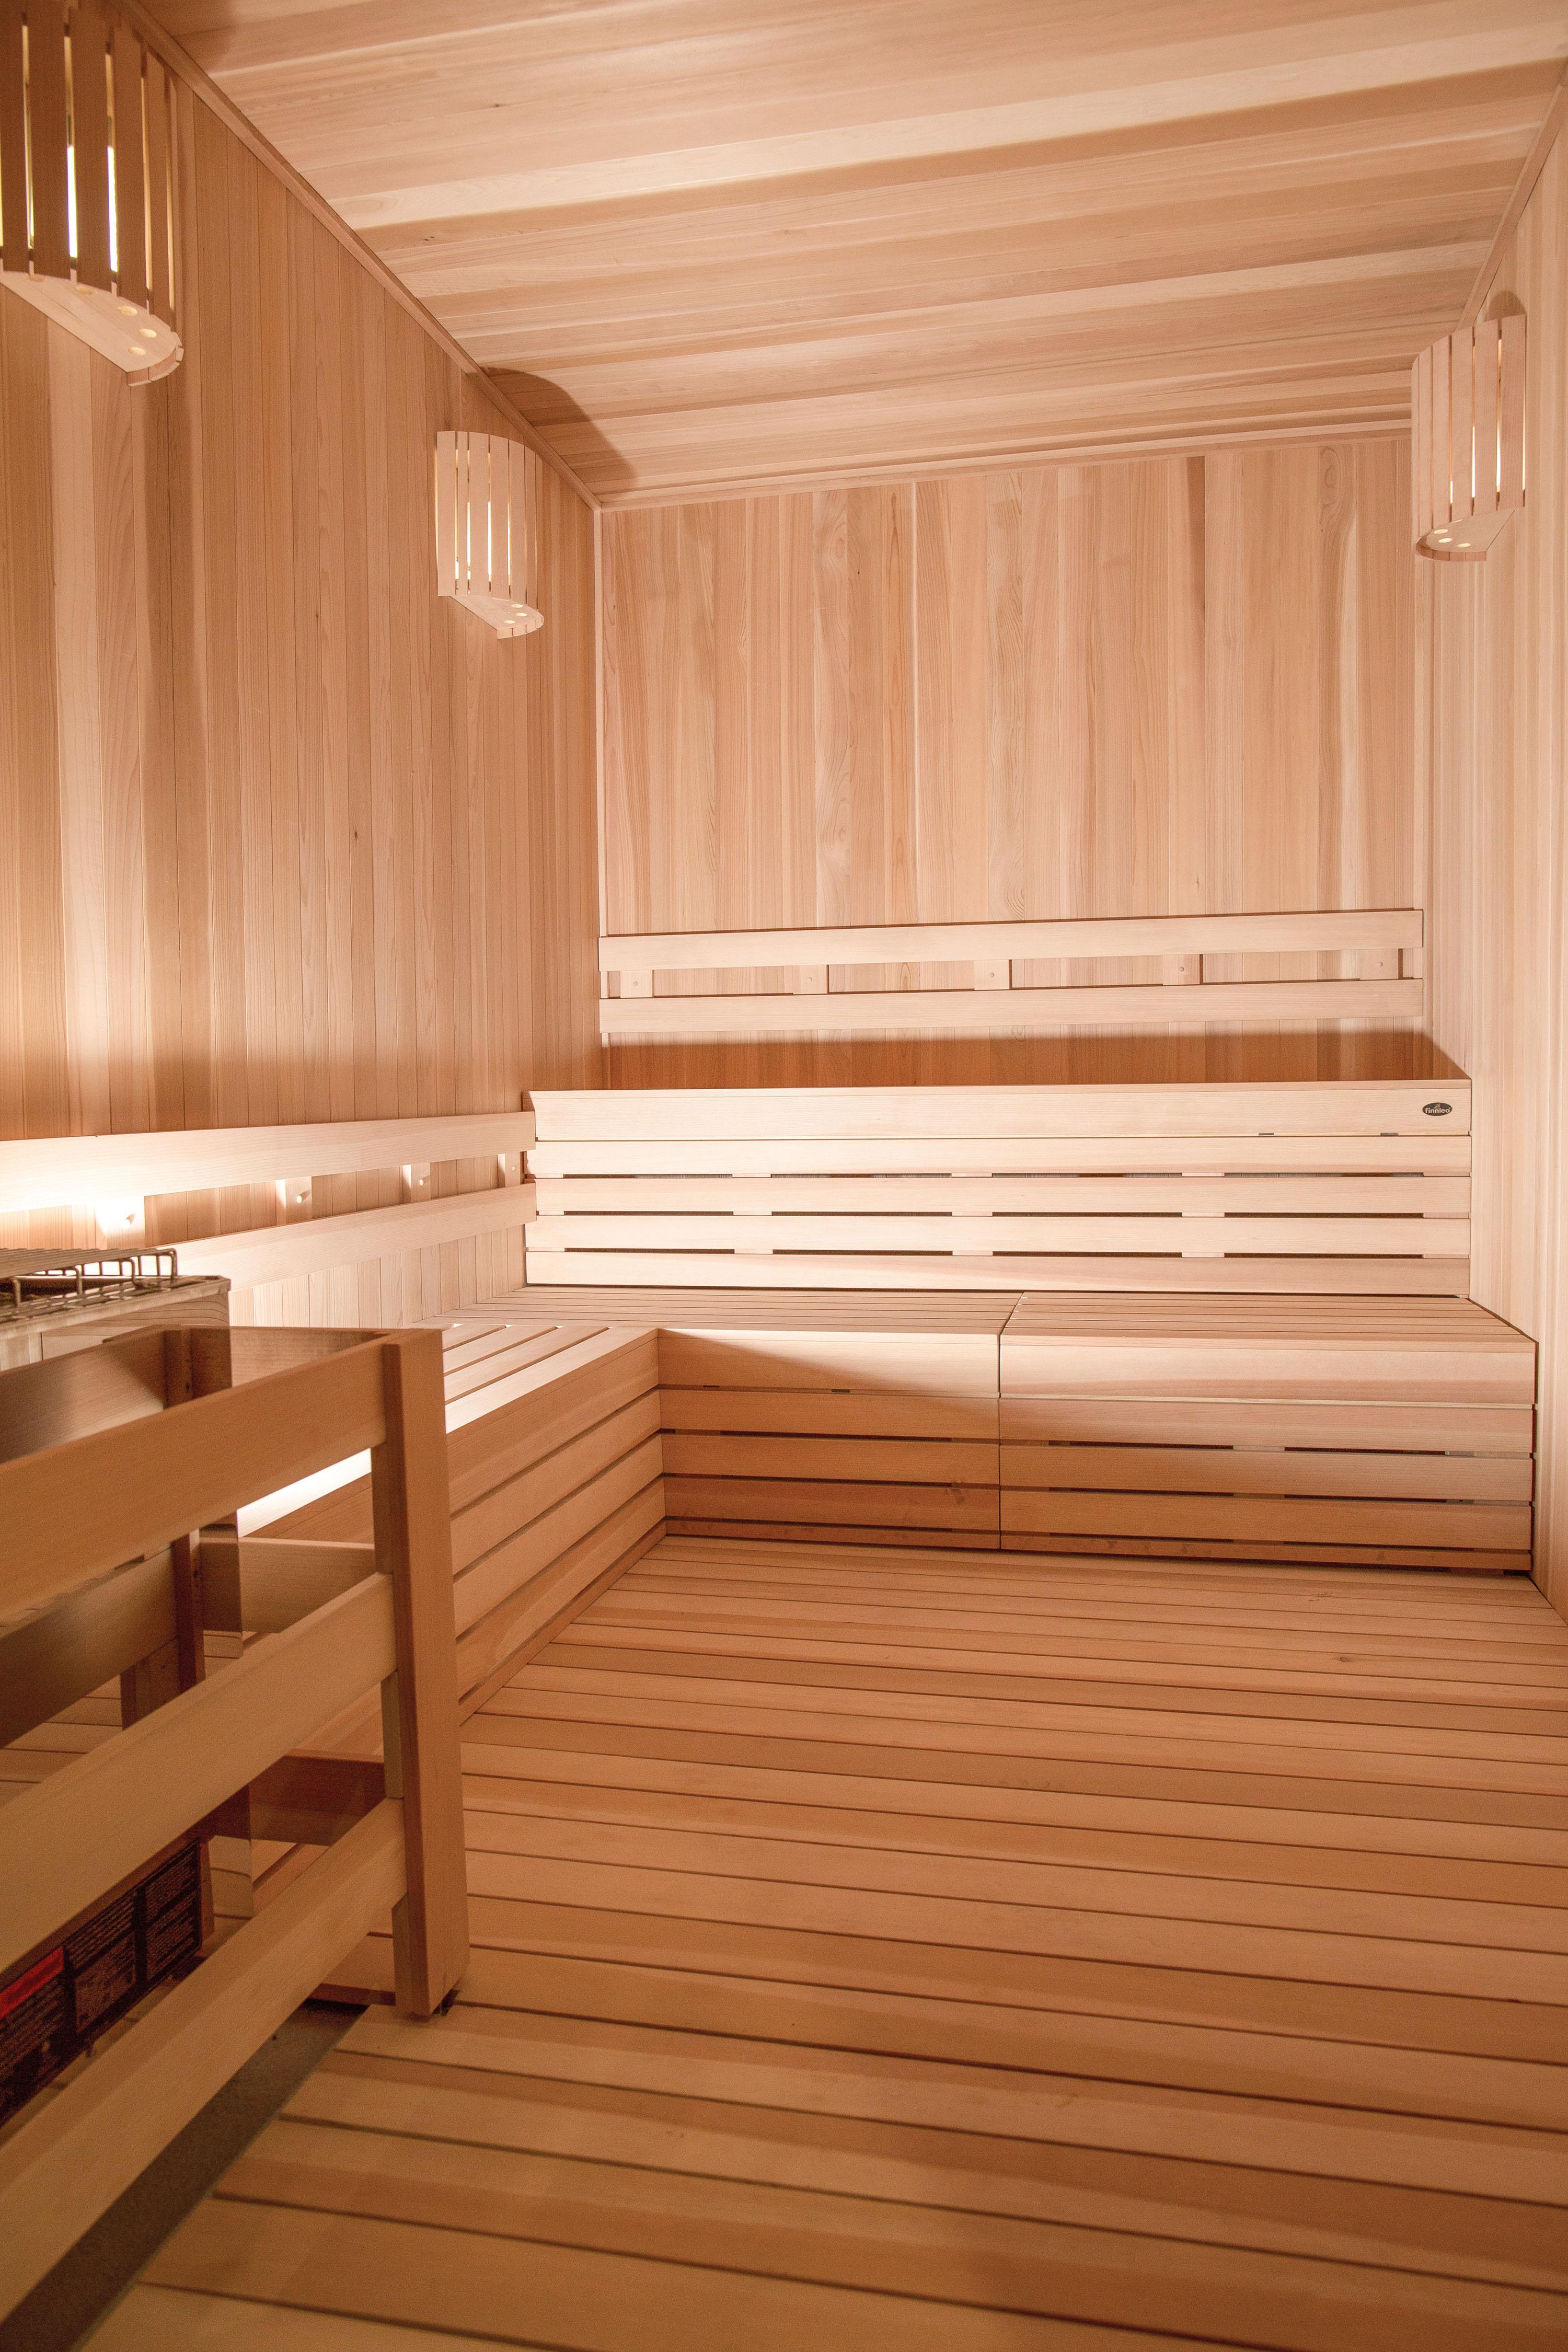 Sauna at Sanctuary Doral